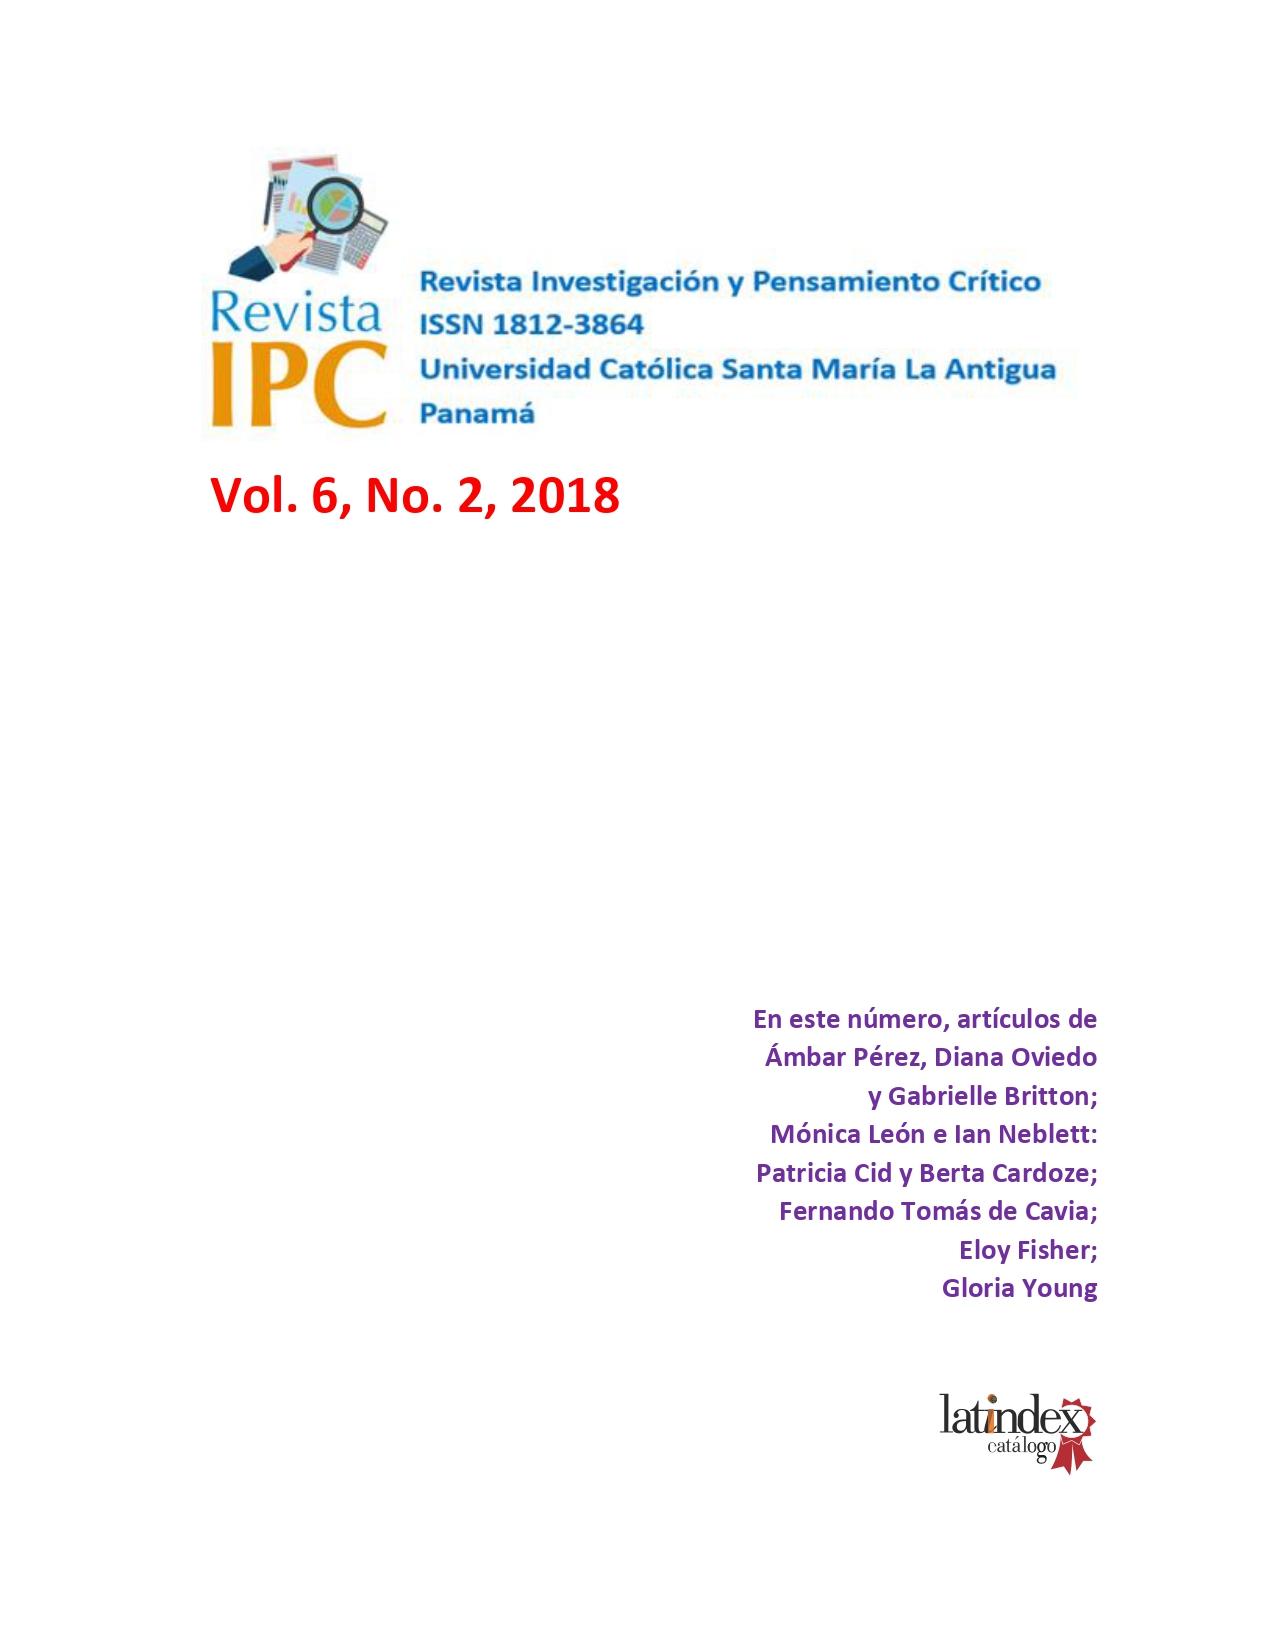 Imagen revista IPC, volumen 6, número 2, año 2018